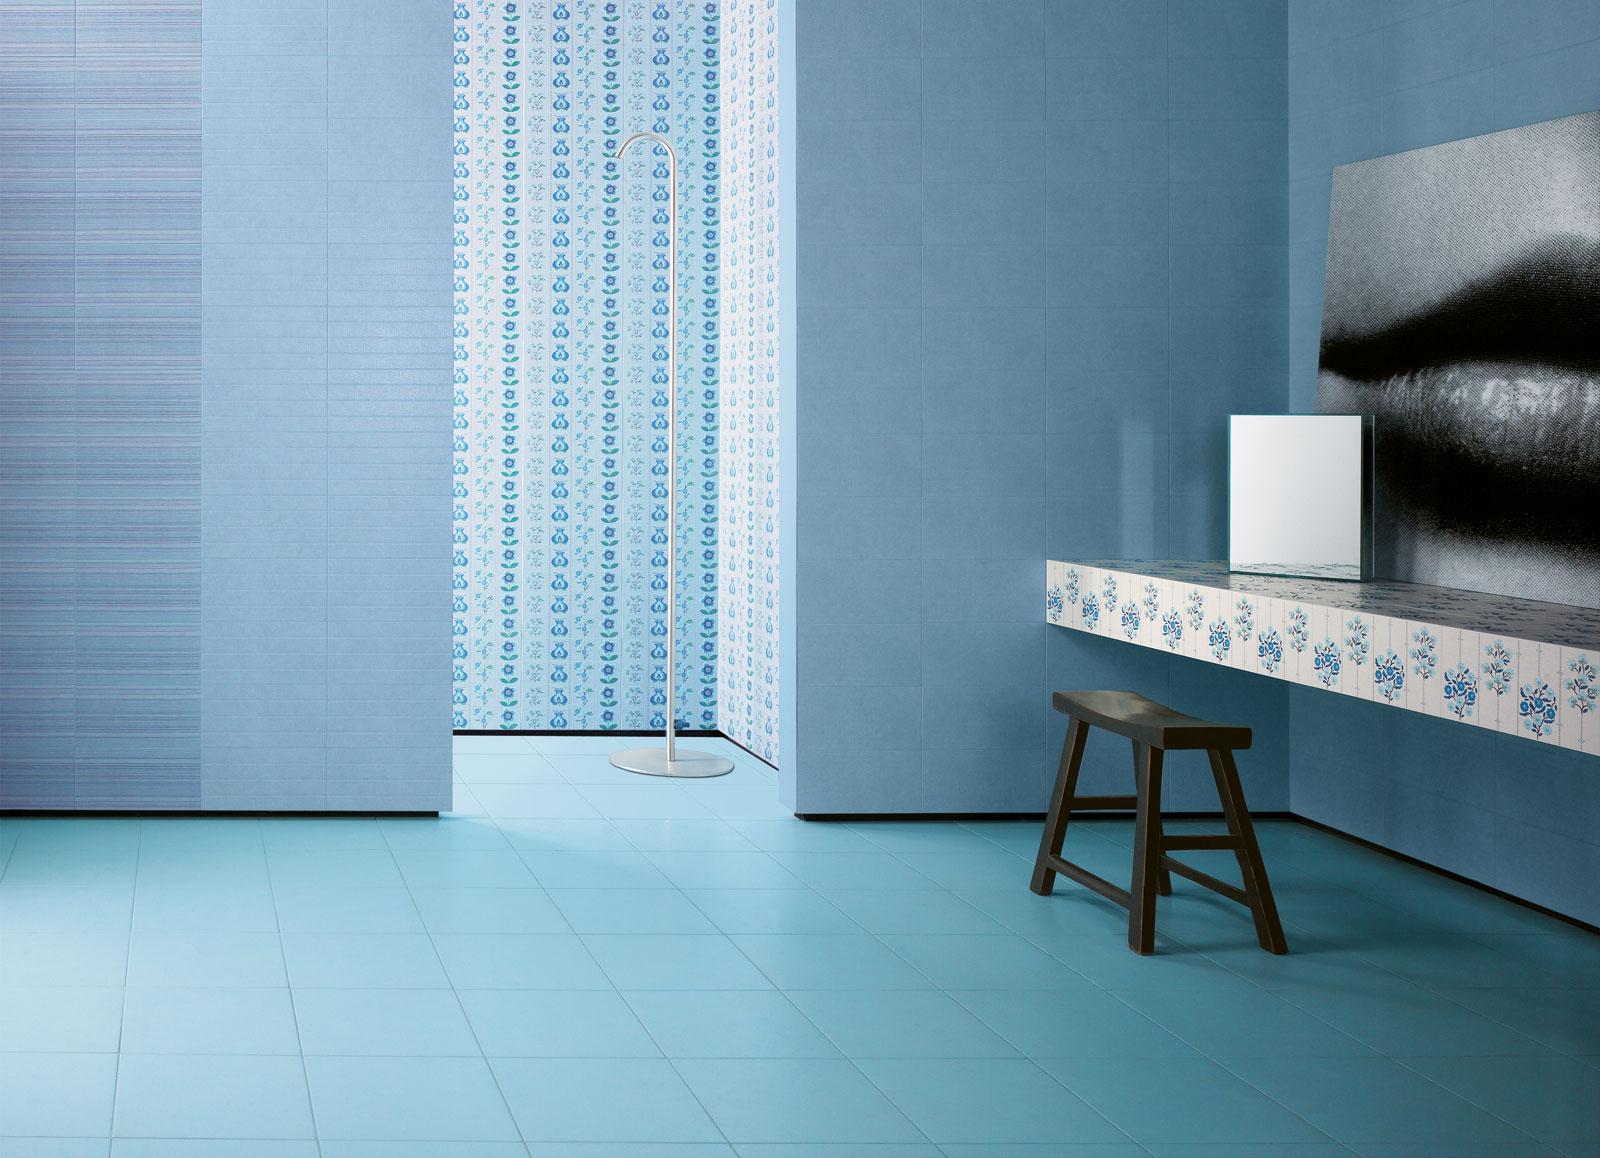 Salle de bain avec faience bleu: faience salle bains design italie ...